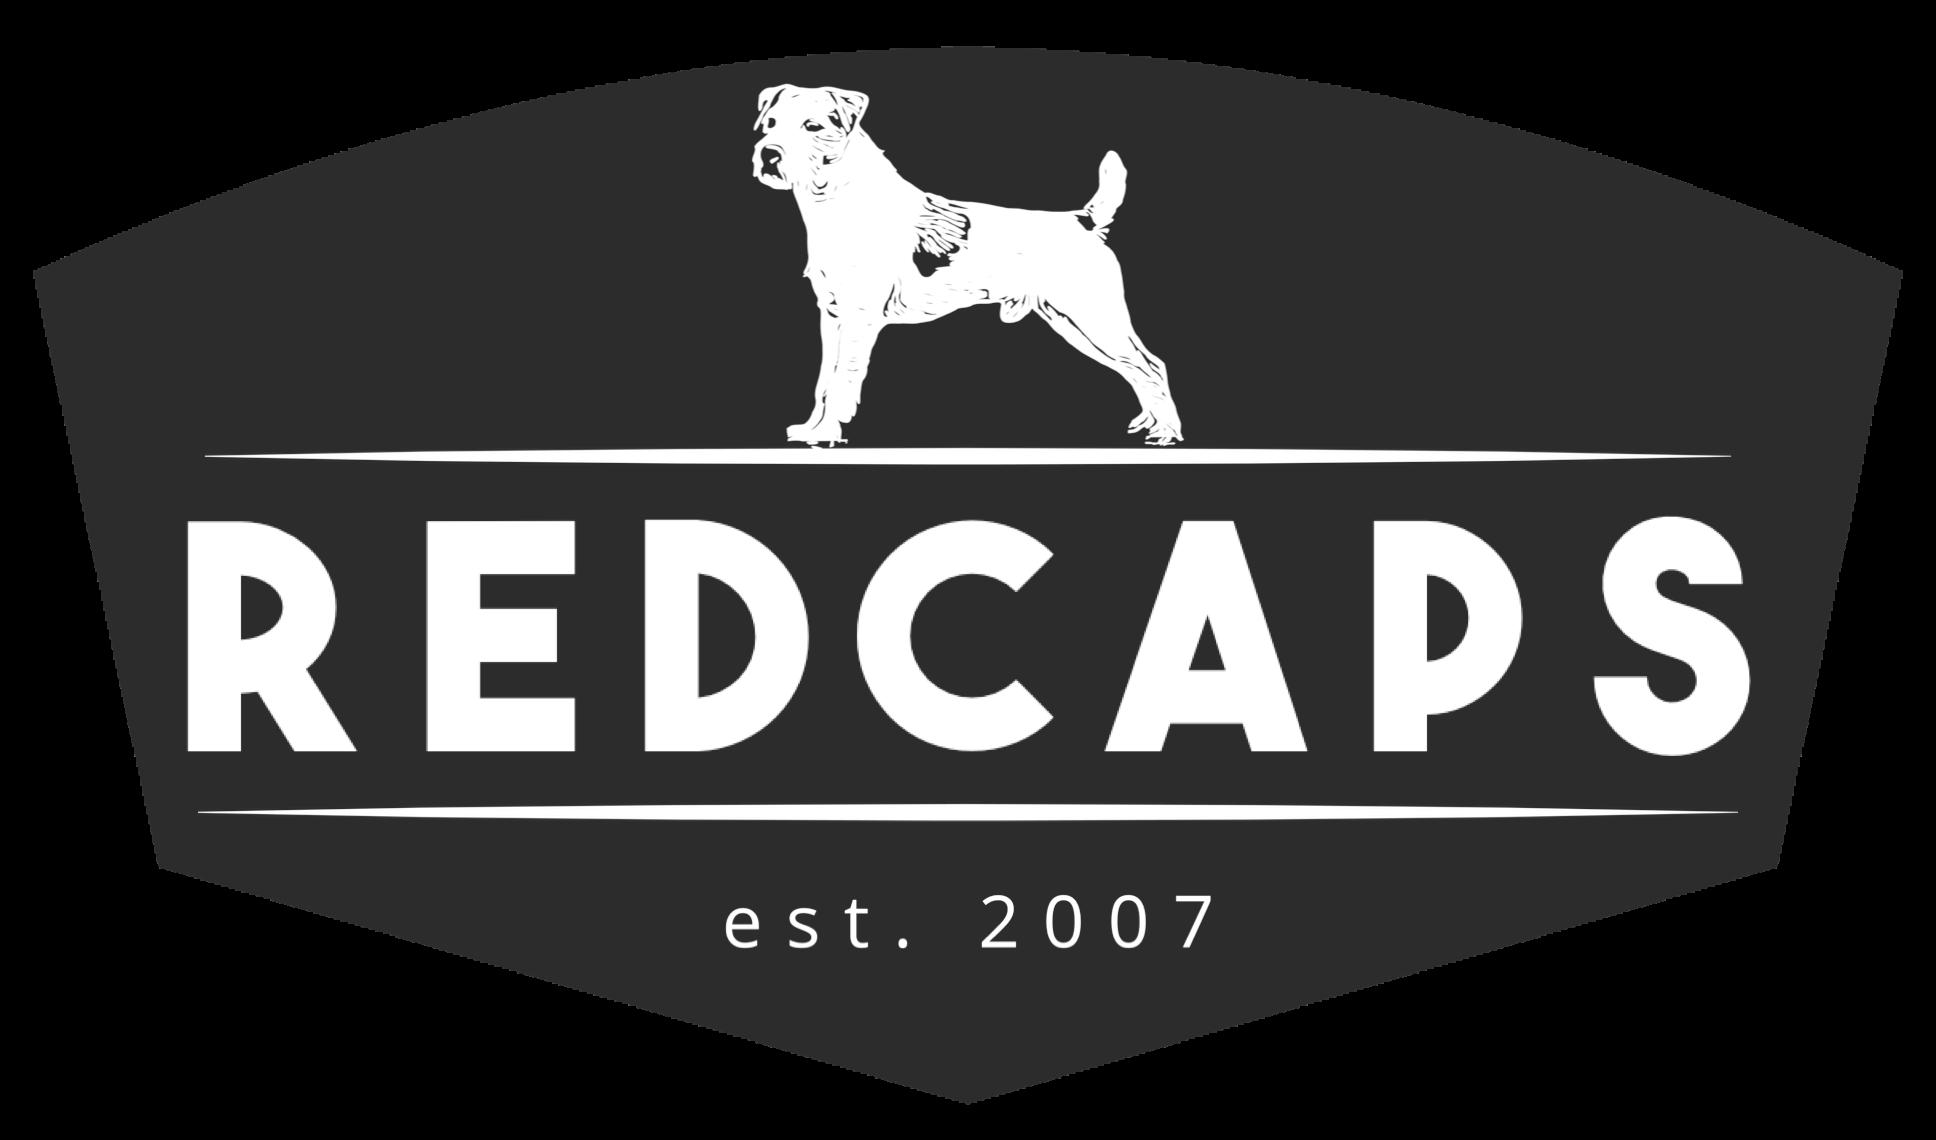 REDCAPS est.2007